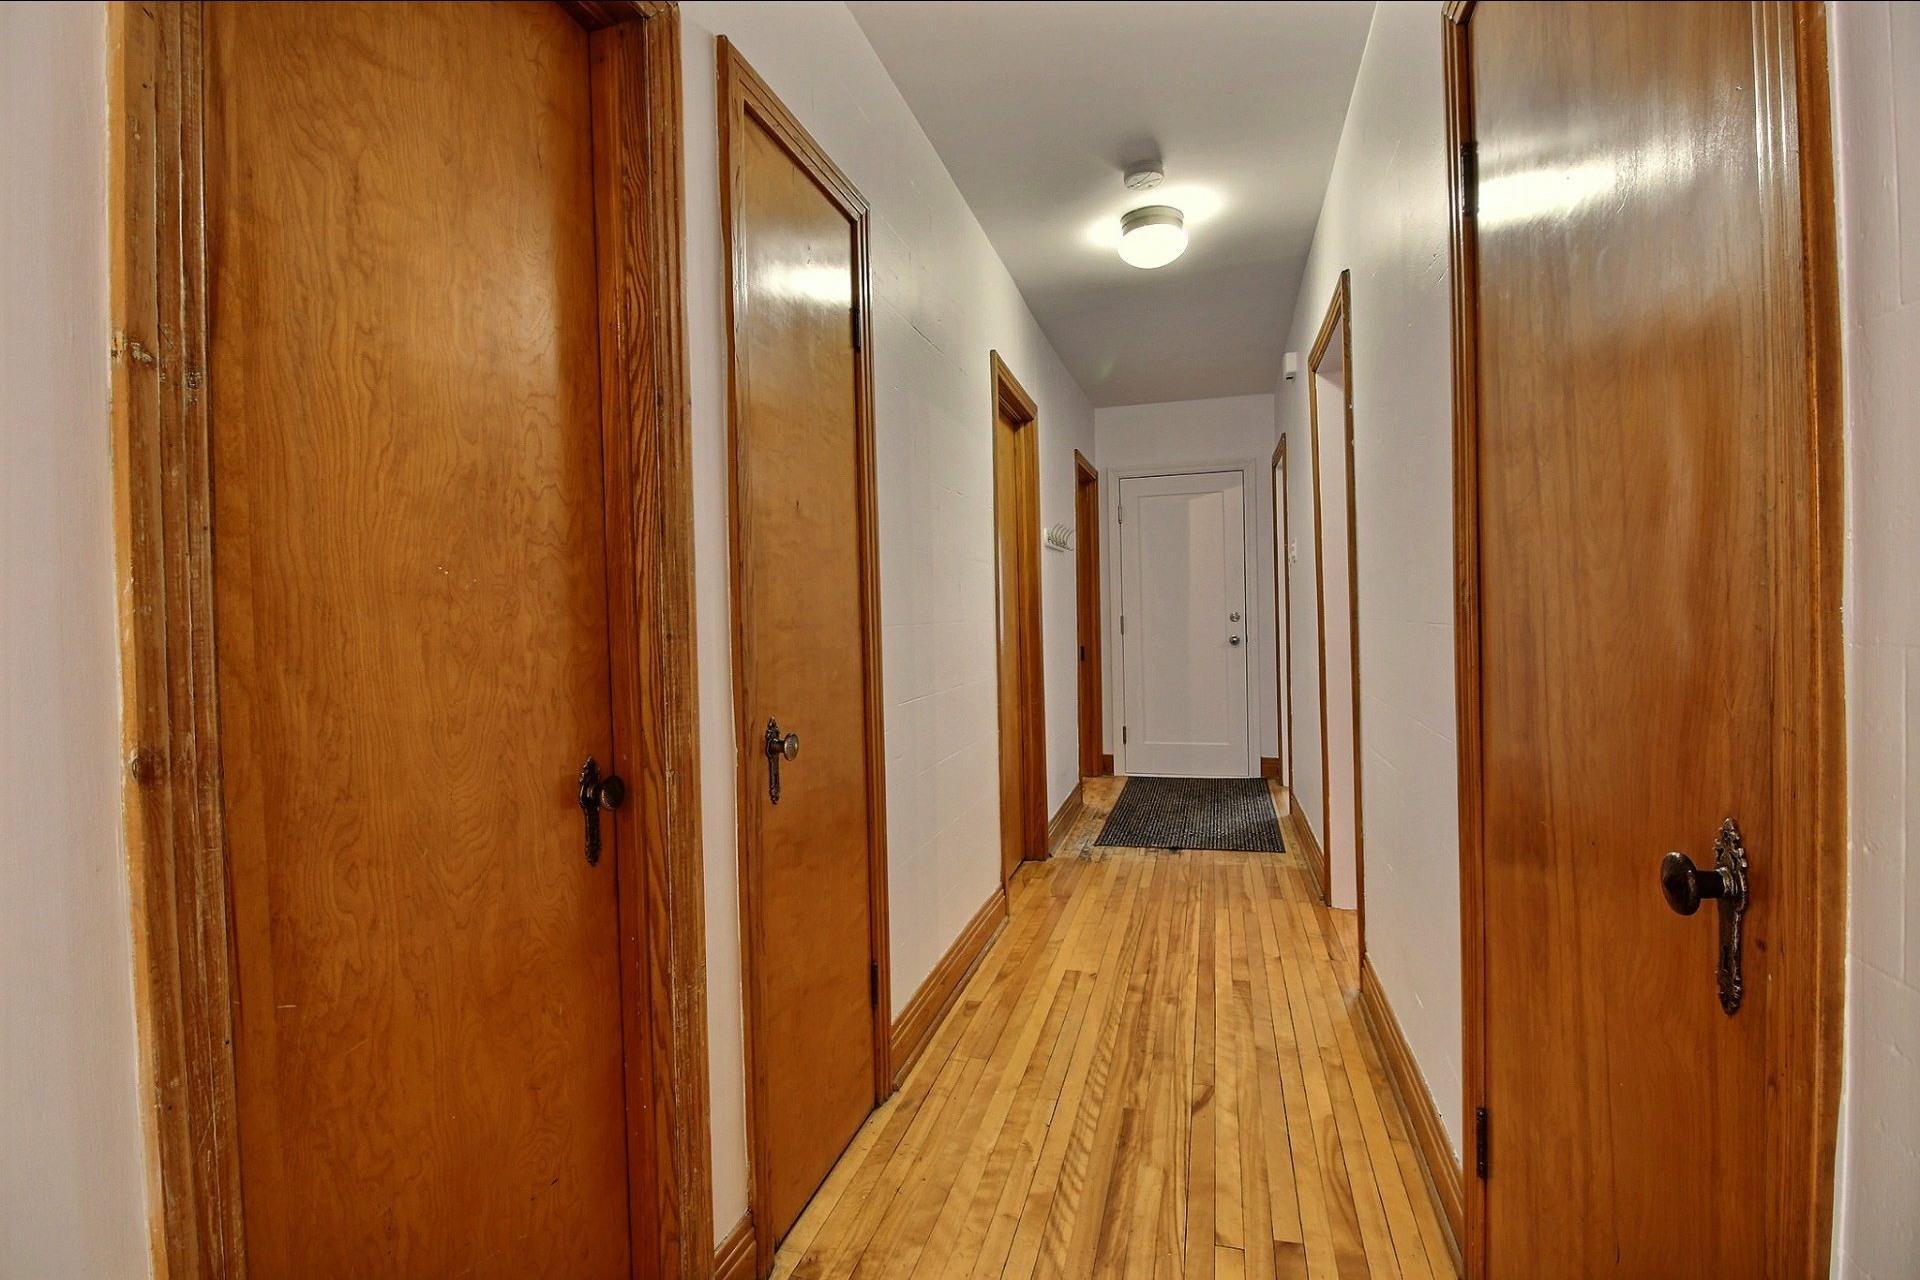 image 14 - Appartement À louer Ahuntsic-Cartierville Montréal  - 7 pièces